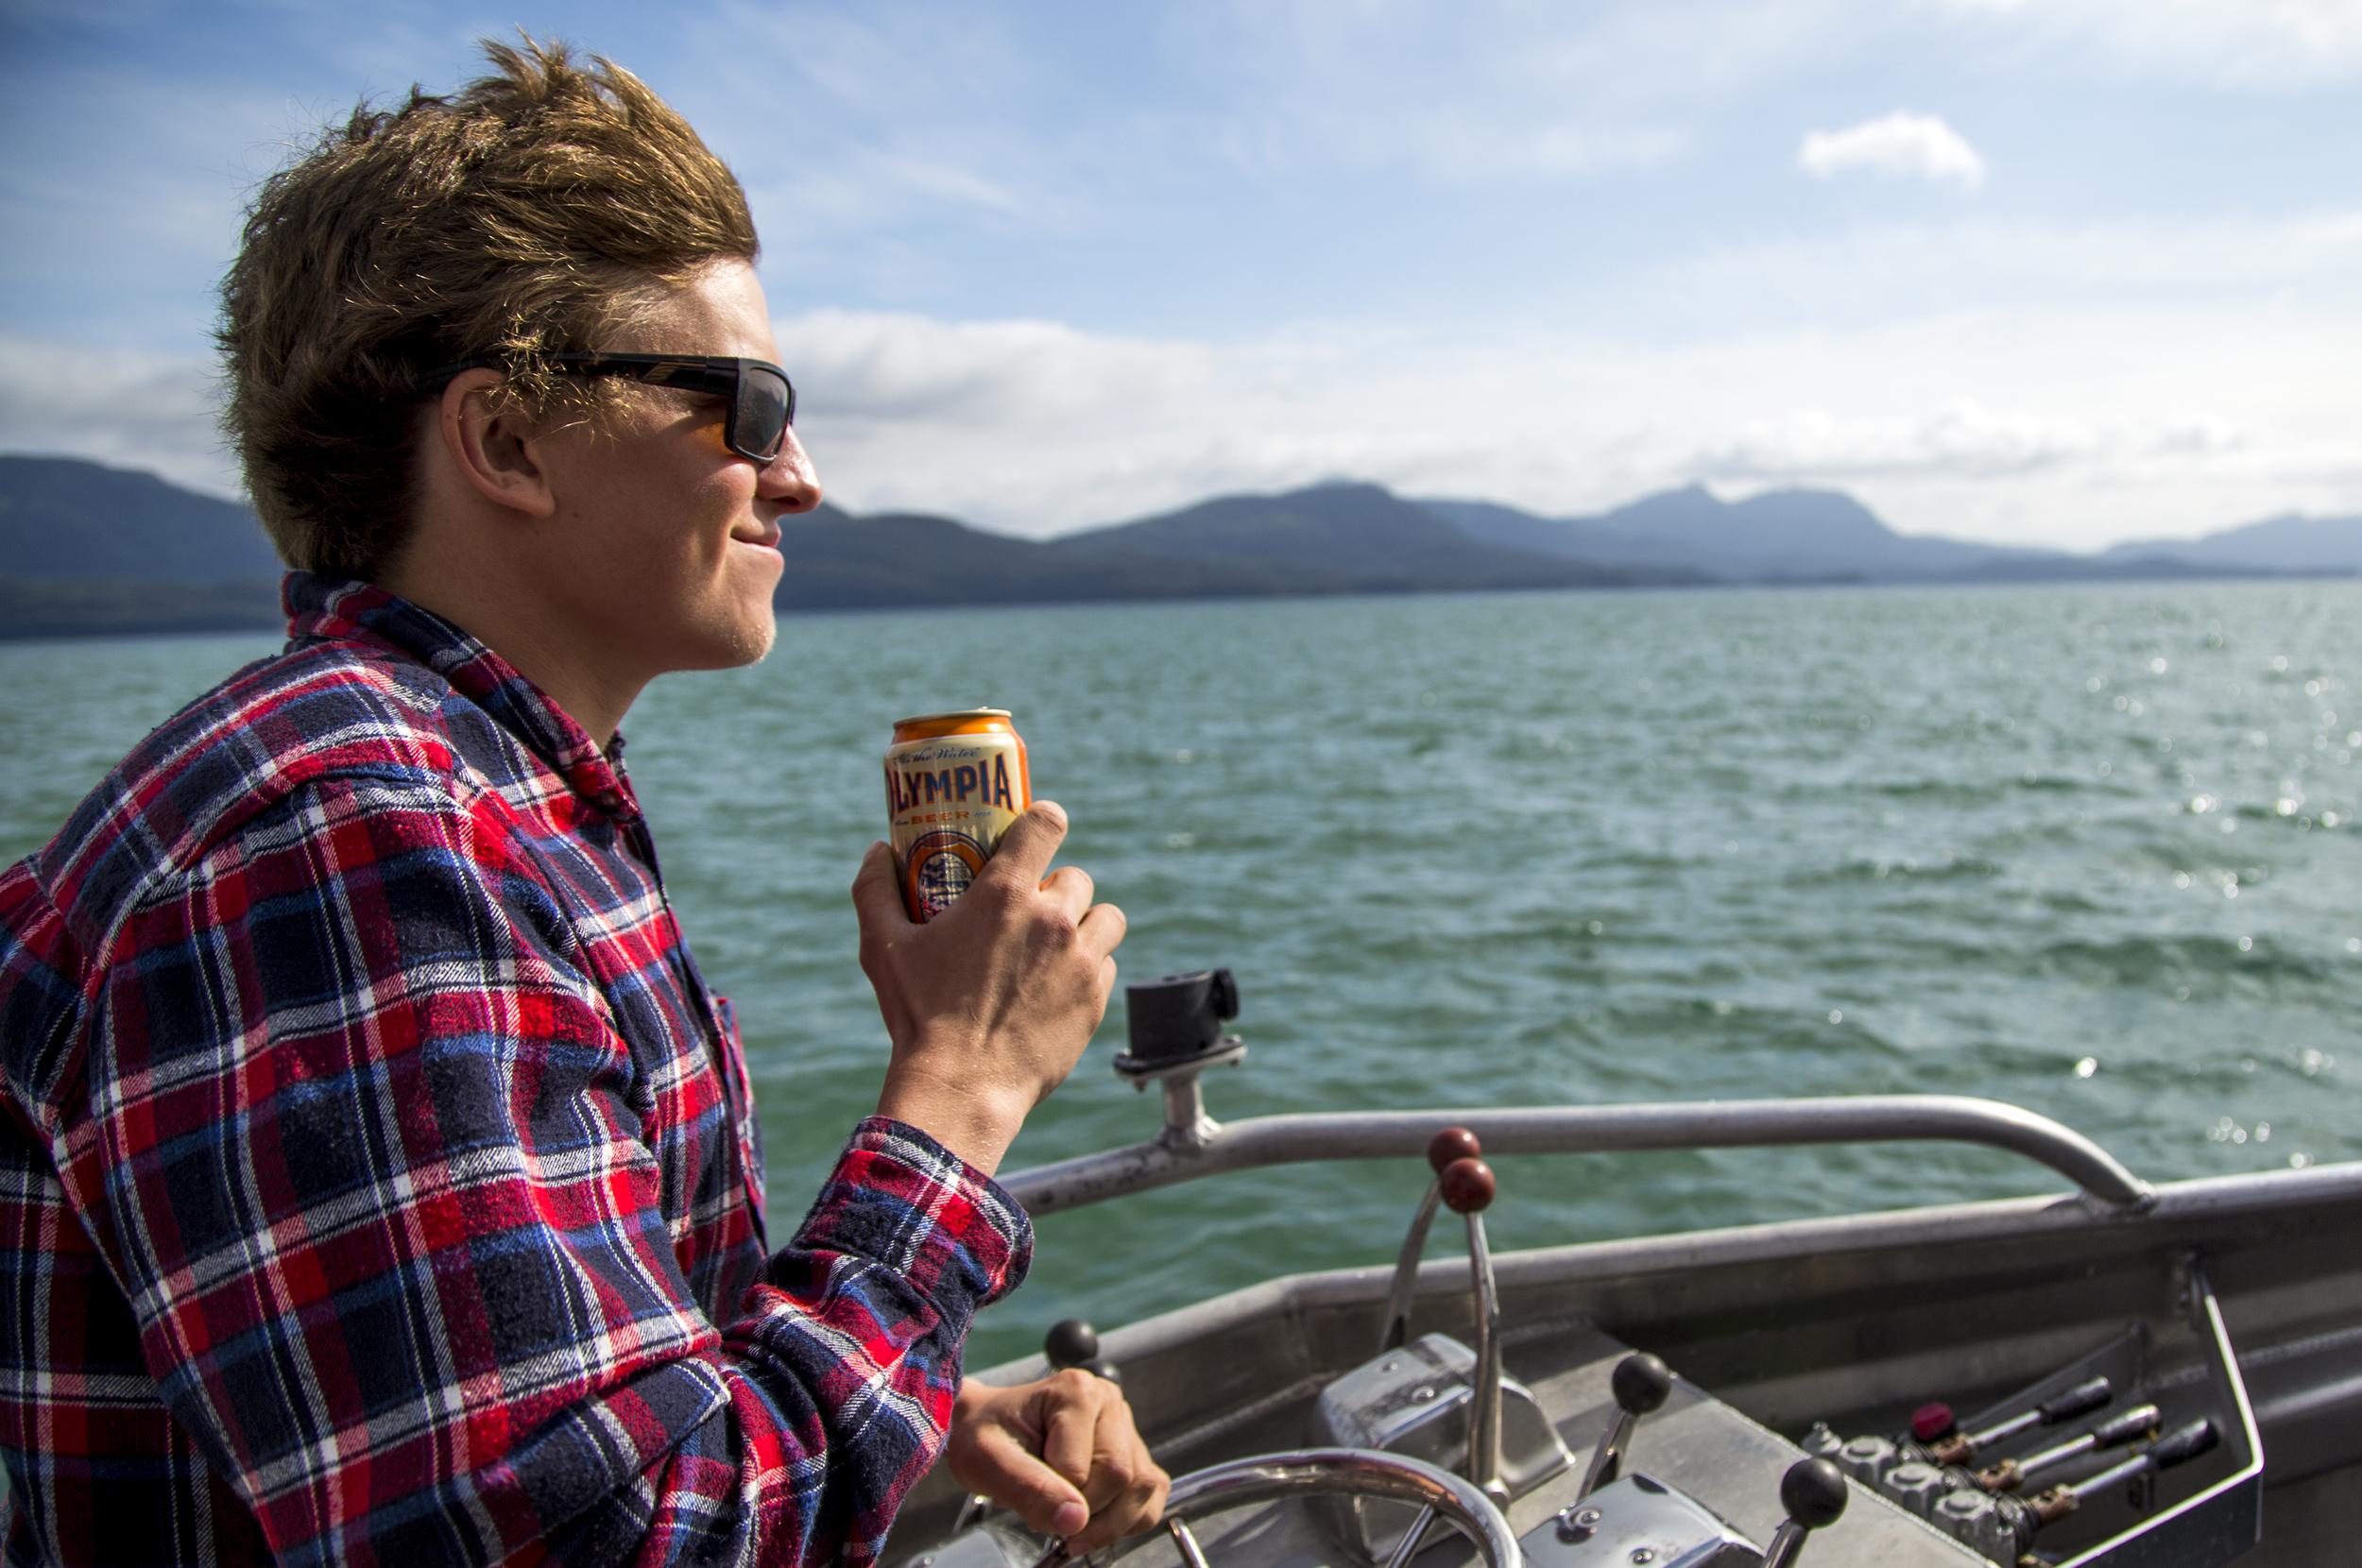 Unintentional beer commercials in Alaska waters